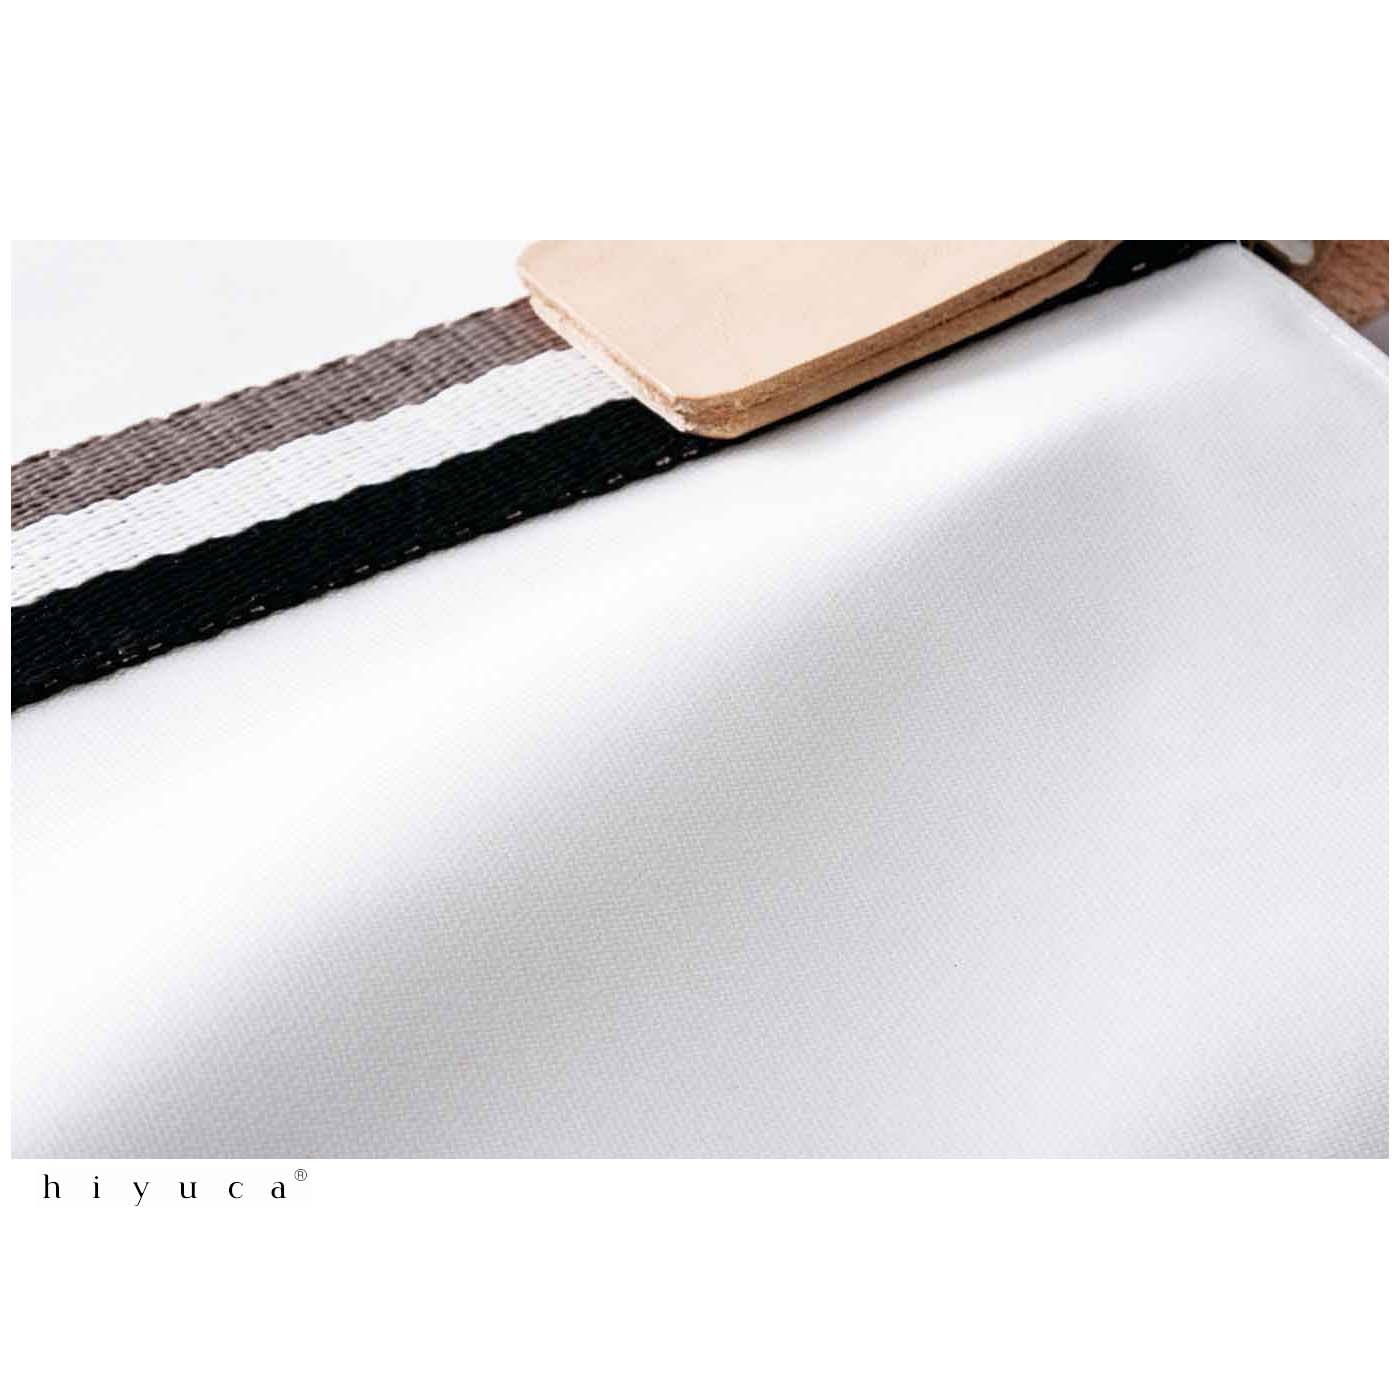 帆布の表面にはオレフィンコーティングをほどこし、上品な光沢と汚れにくさを両立。